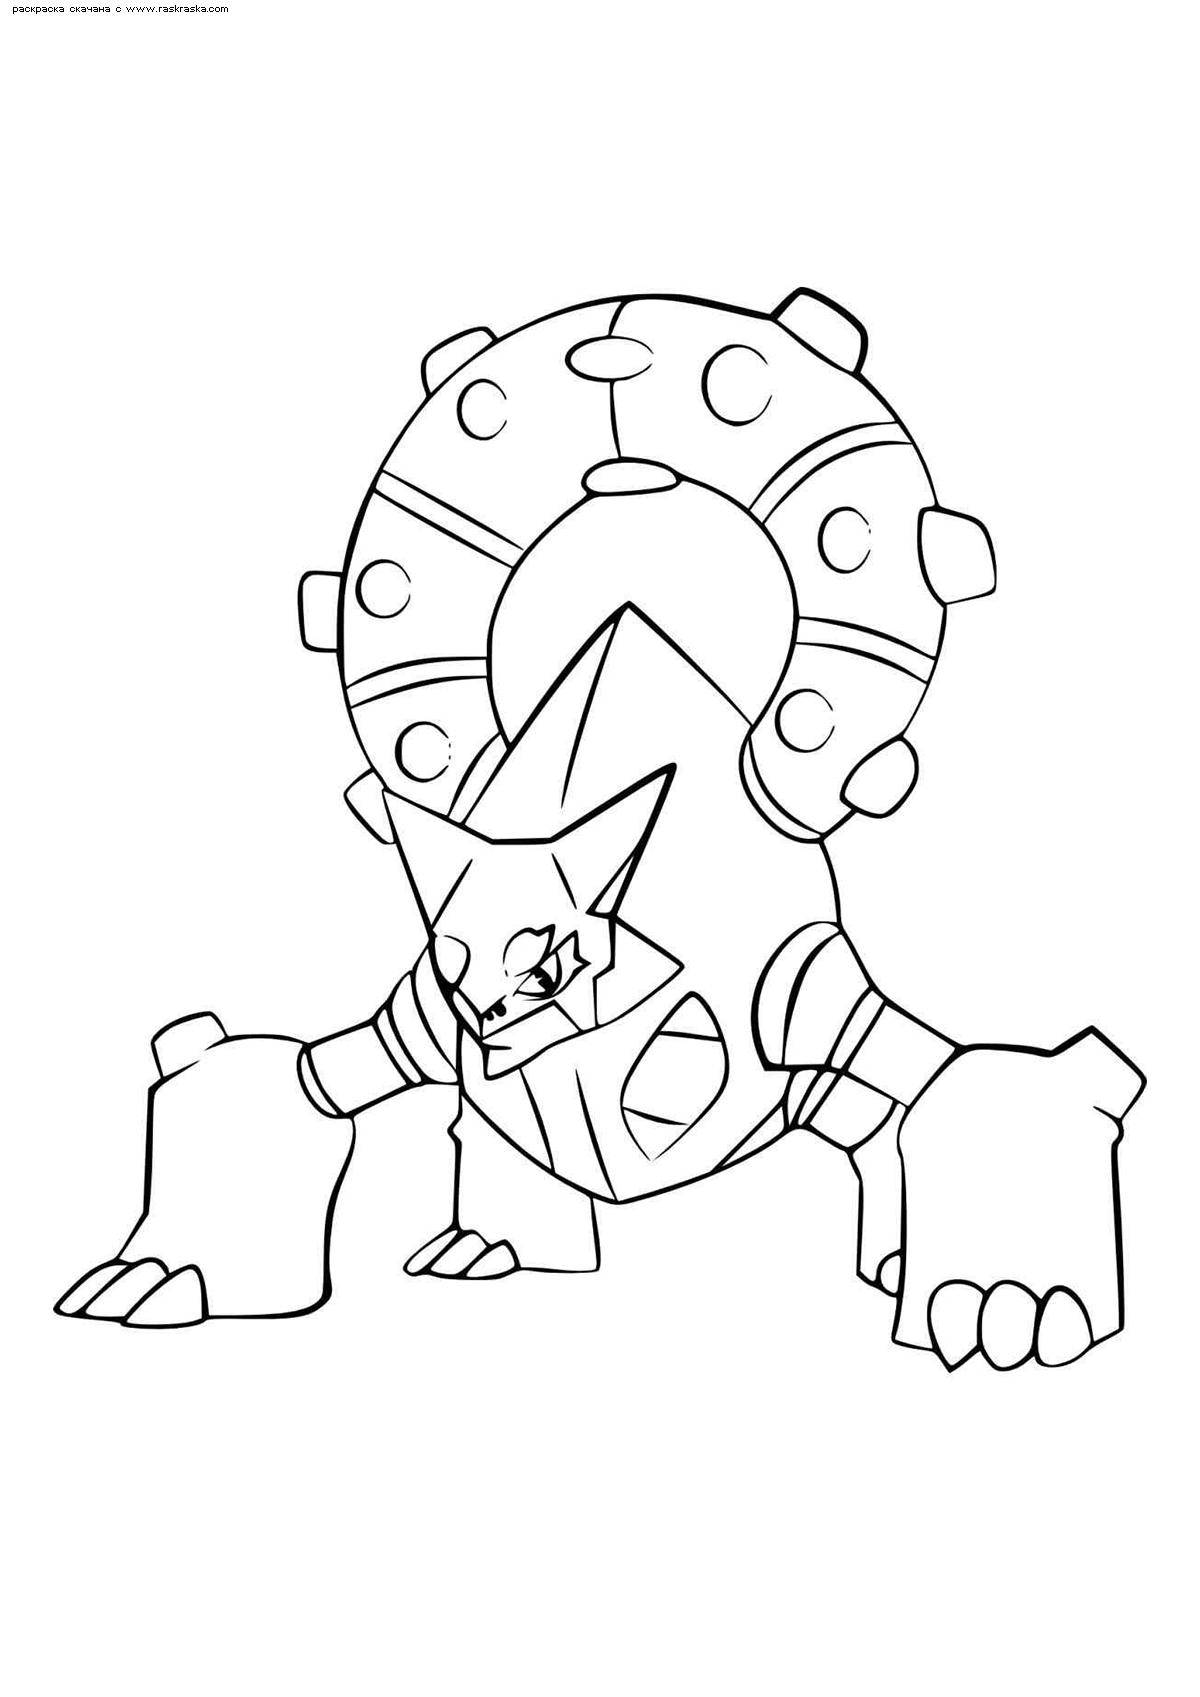 Раскраска Легендарный покемон Вулканьон (Volcanion). Раскраска Покемон